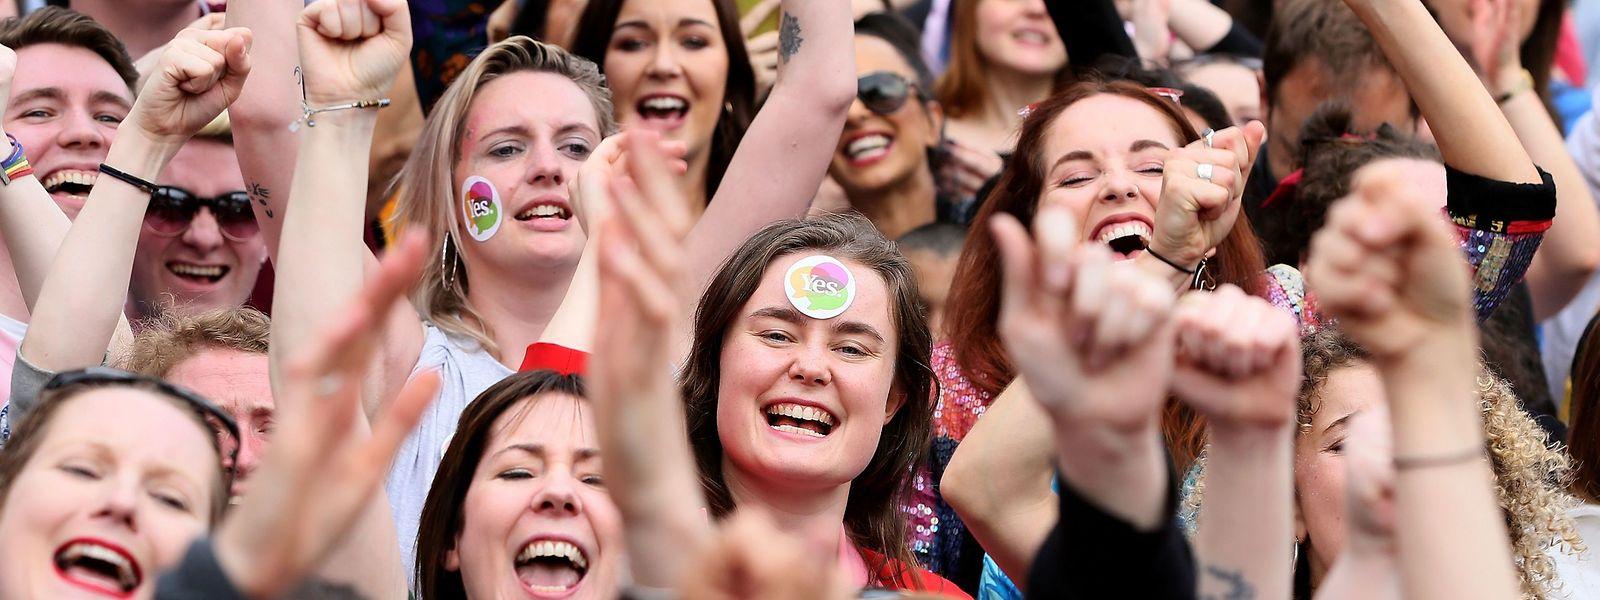 Die Iren hatten am Freitag mit Zwei-Drittel-Mehrheit für eine Verfassungsänderung gestimmt, die es dem Parlament erlaubt, Regelungen für eine legale Abtreibung zu schaffen.